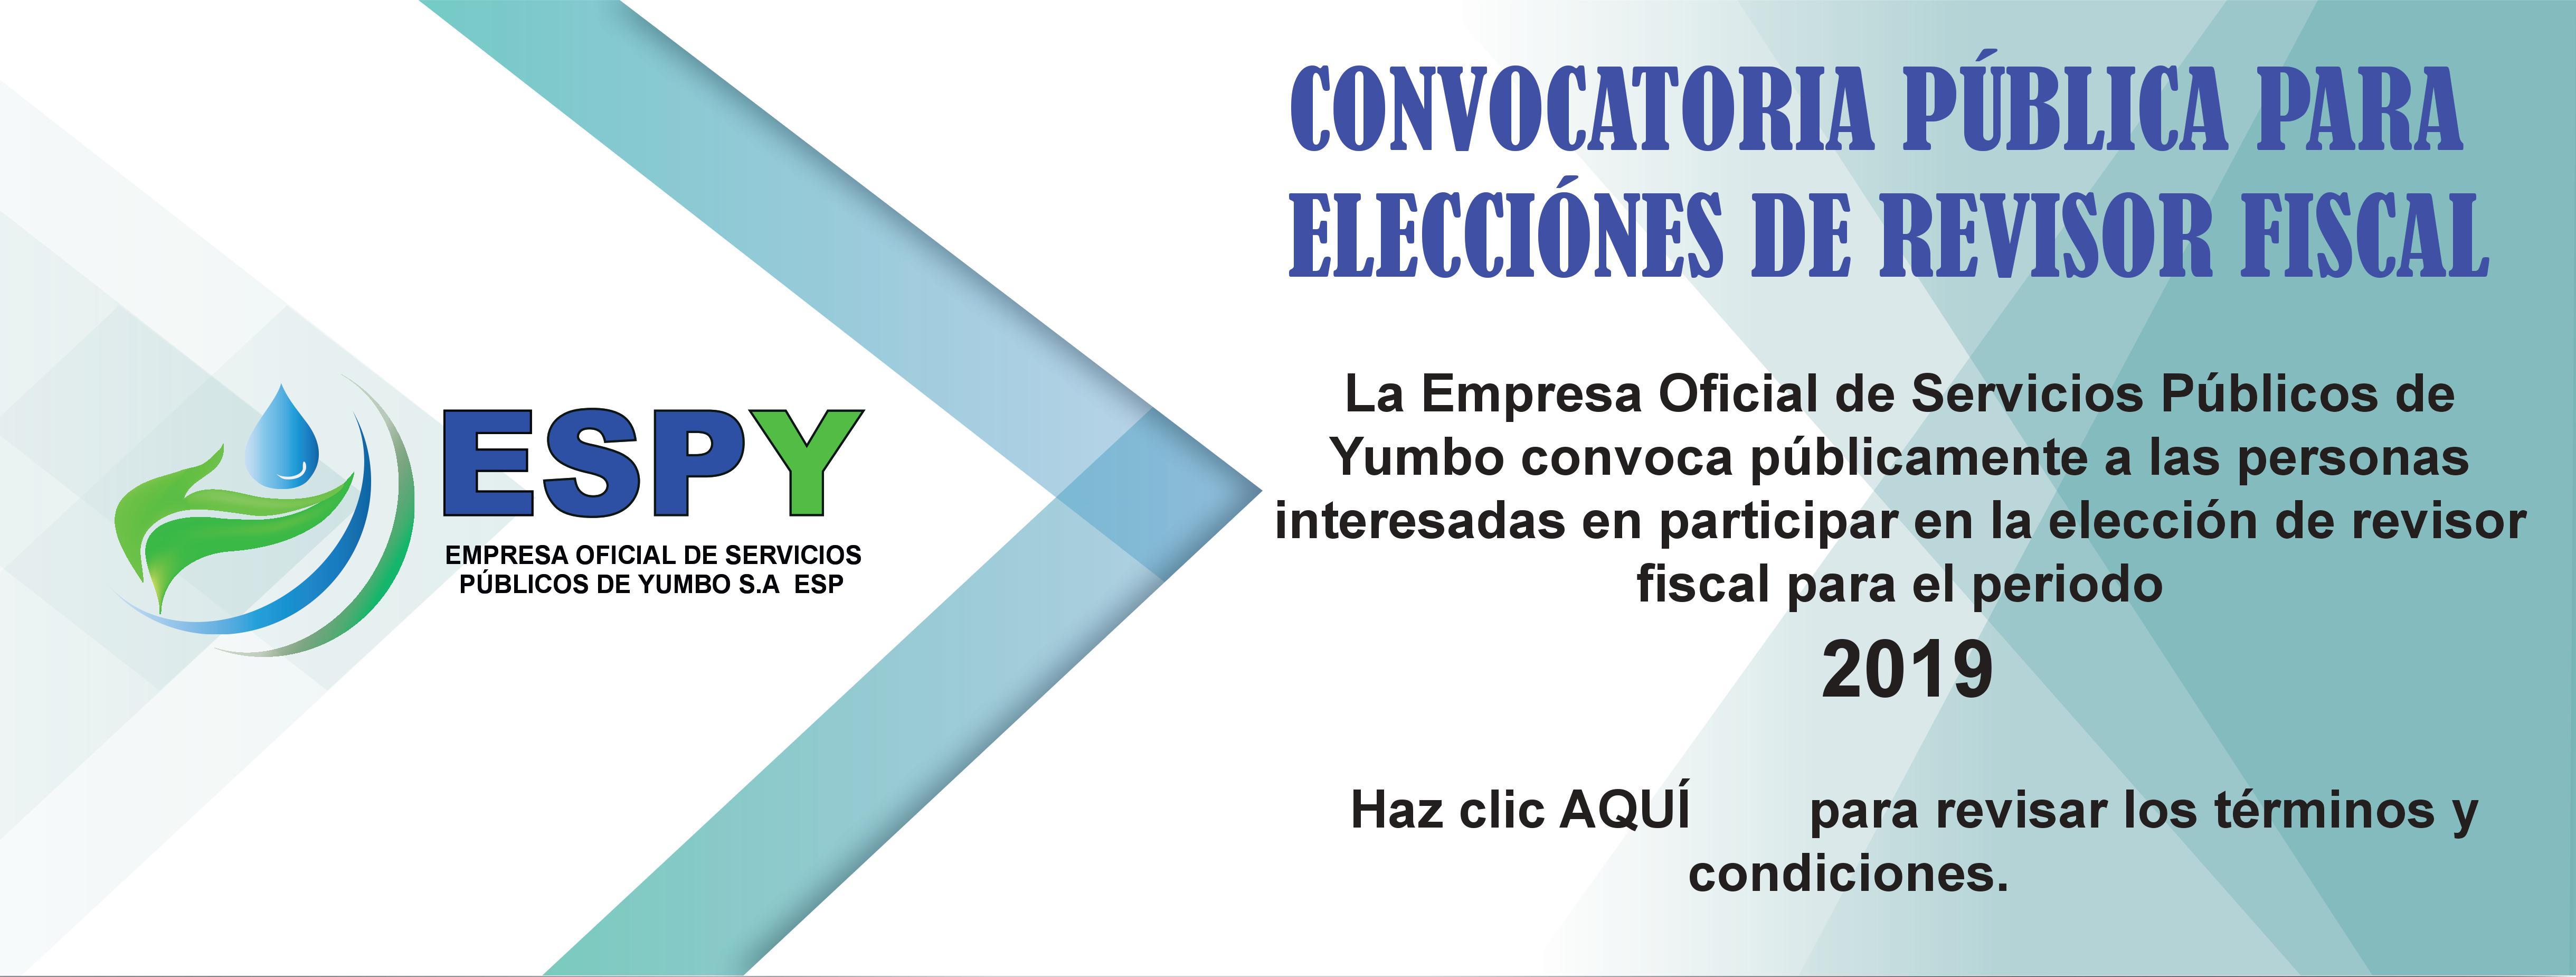 Convocatoria-revisor-fiscal-2019